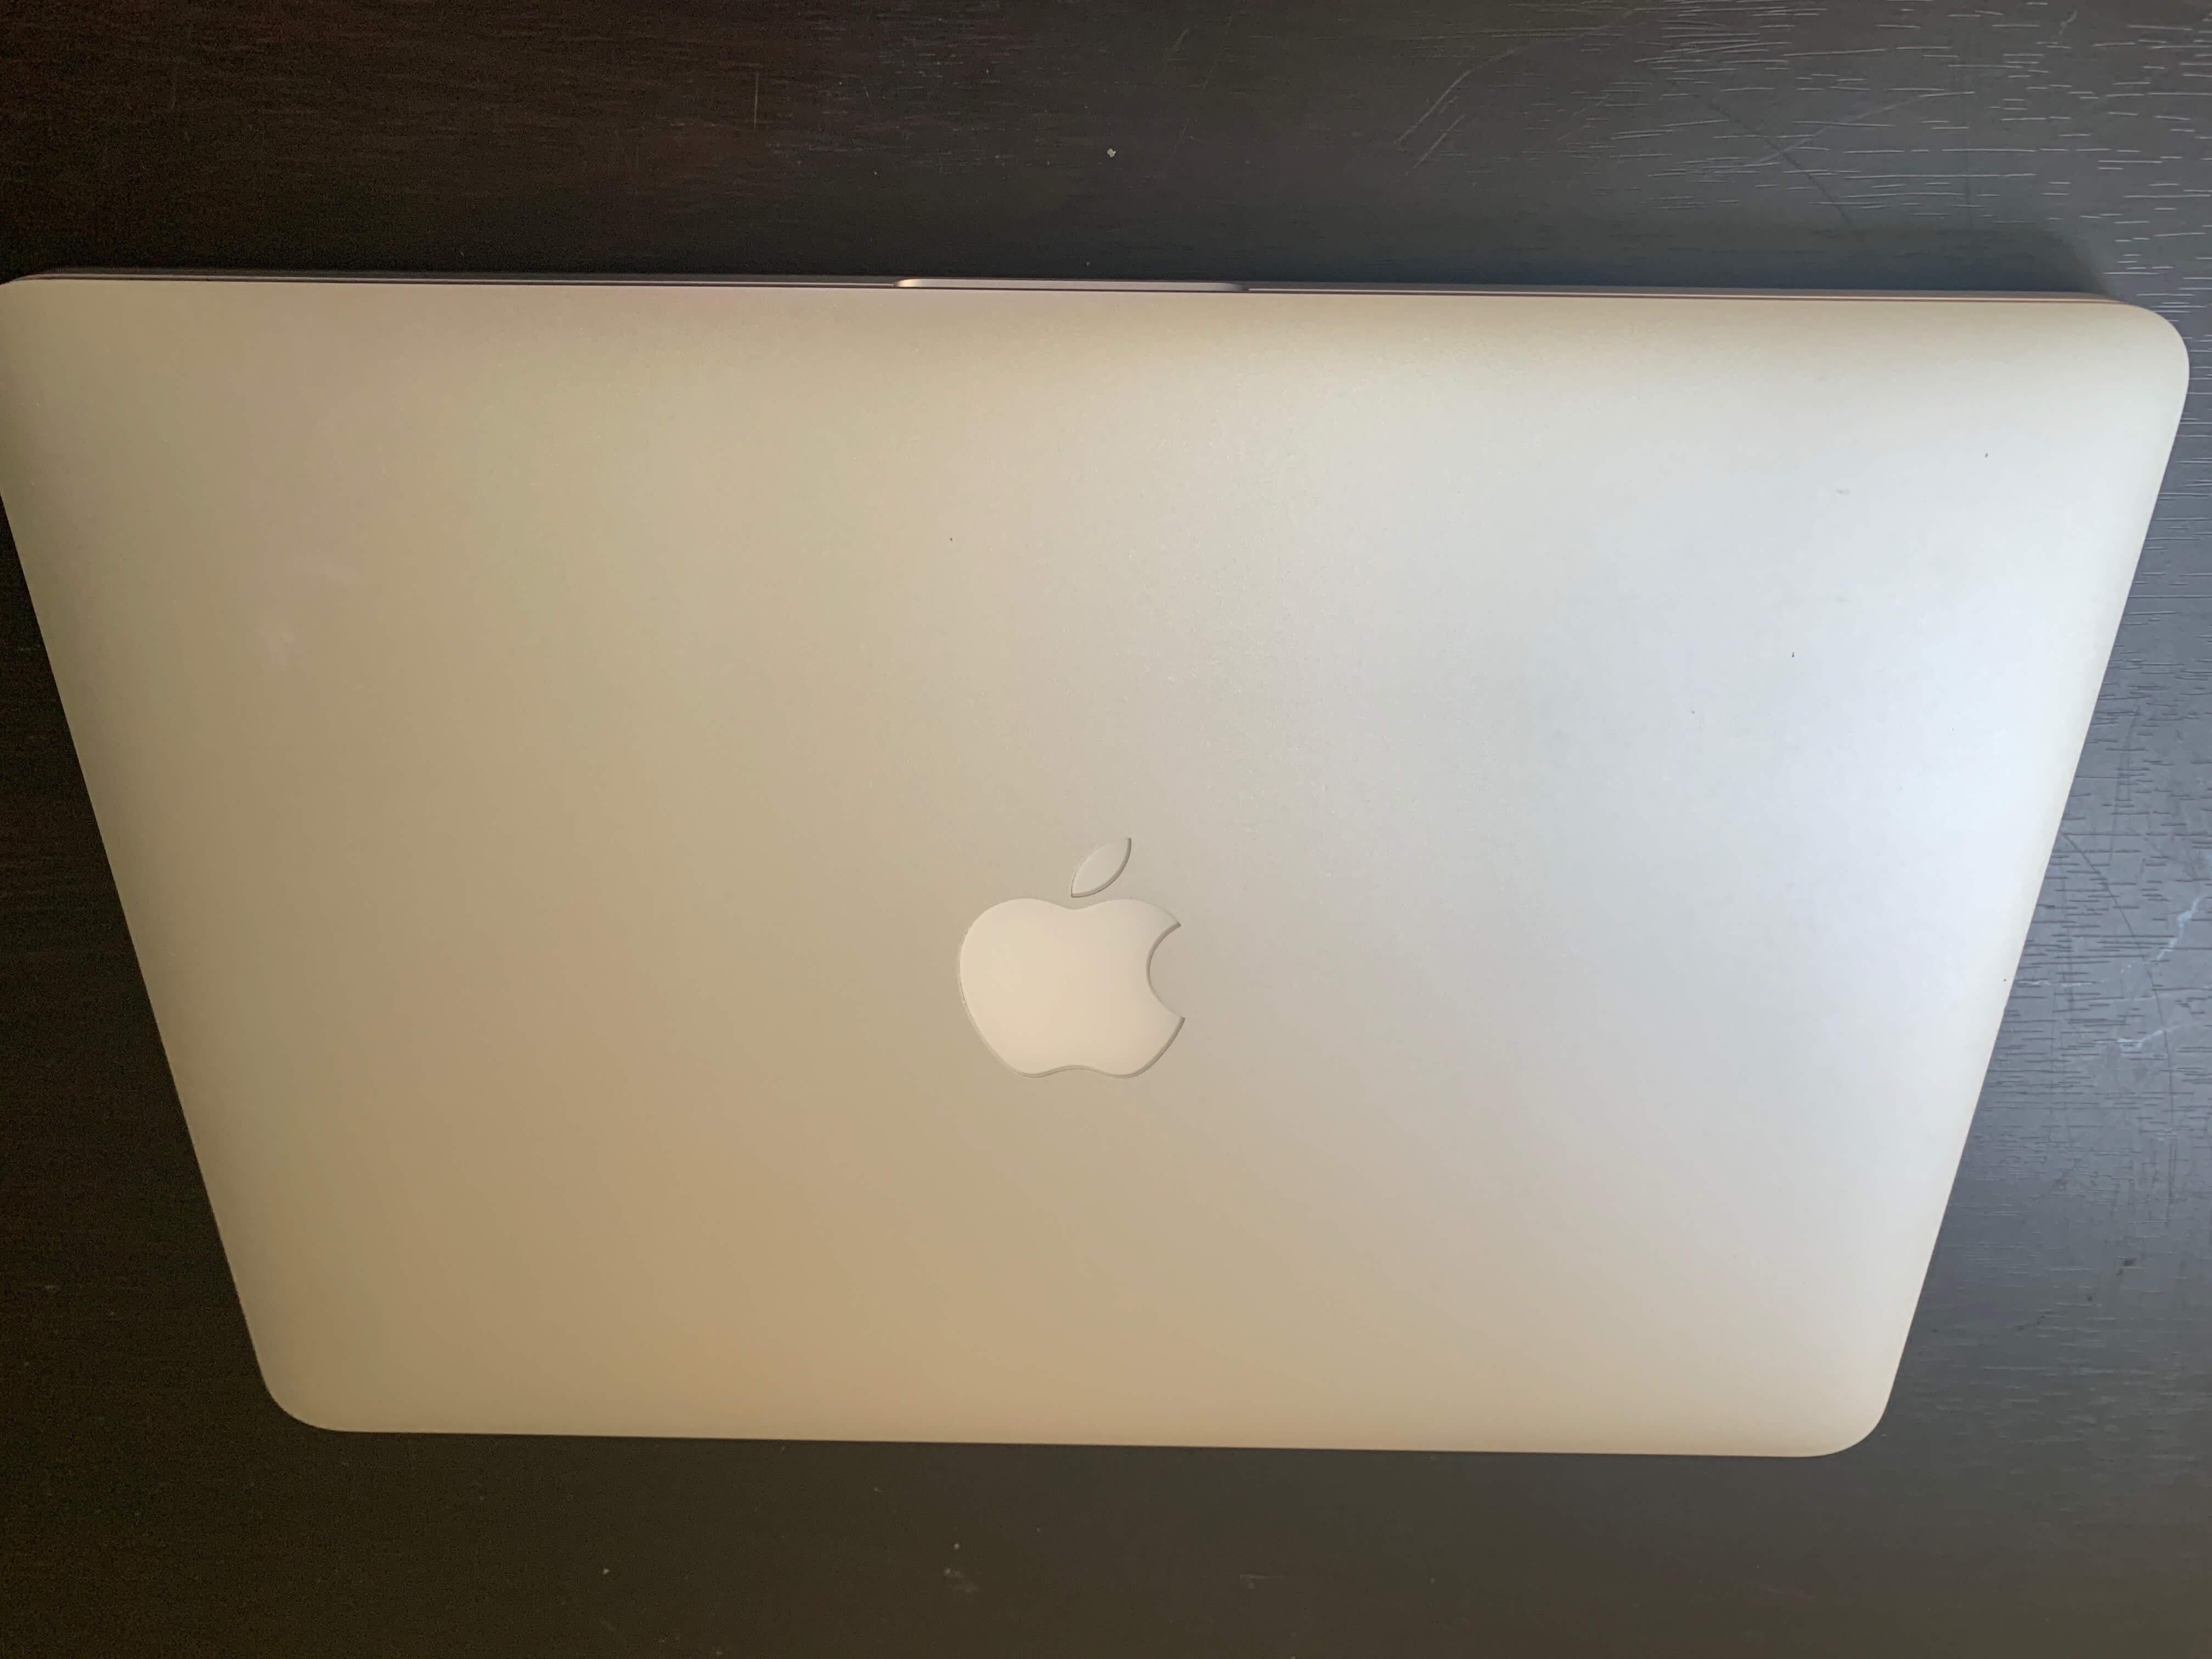 MacBook Proの液晶にコーティング剥がれ発見!!ソフマップの保証で無償で液晶交換なるか?